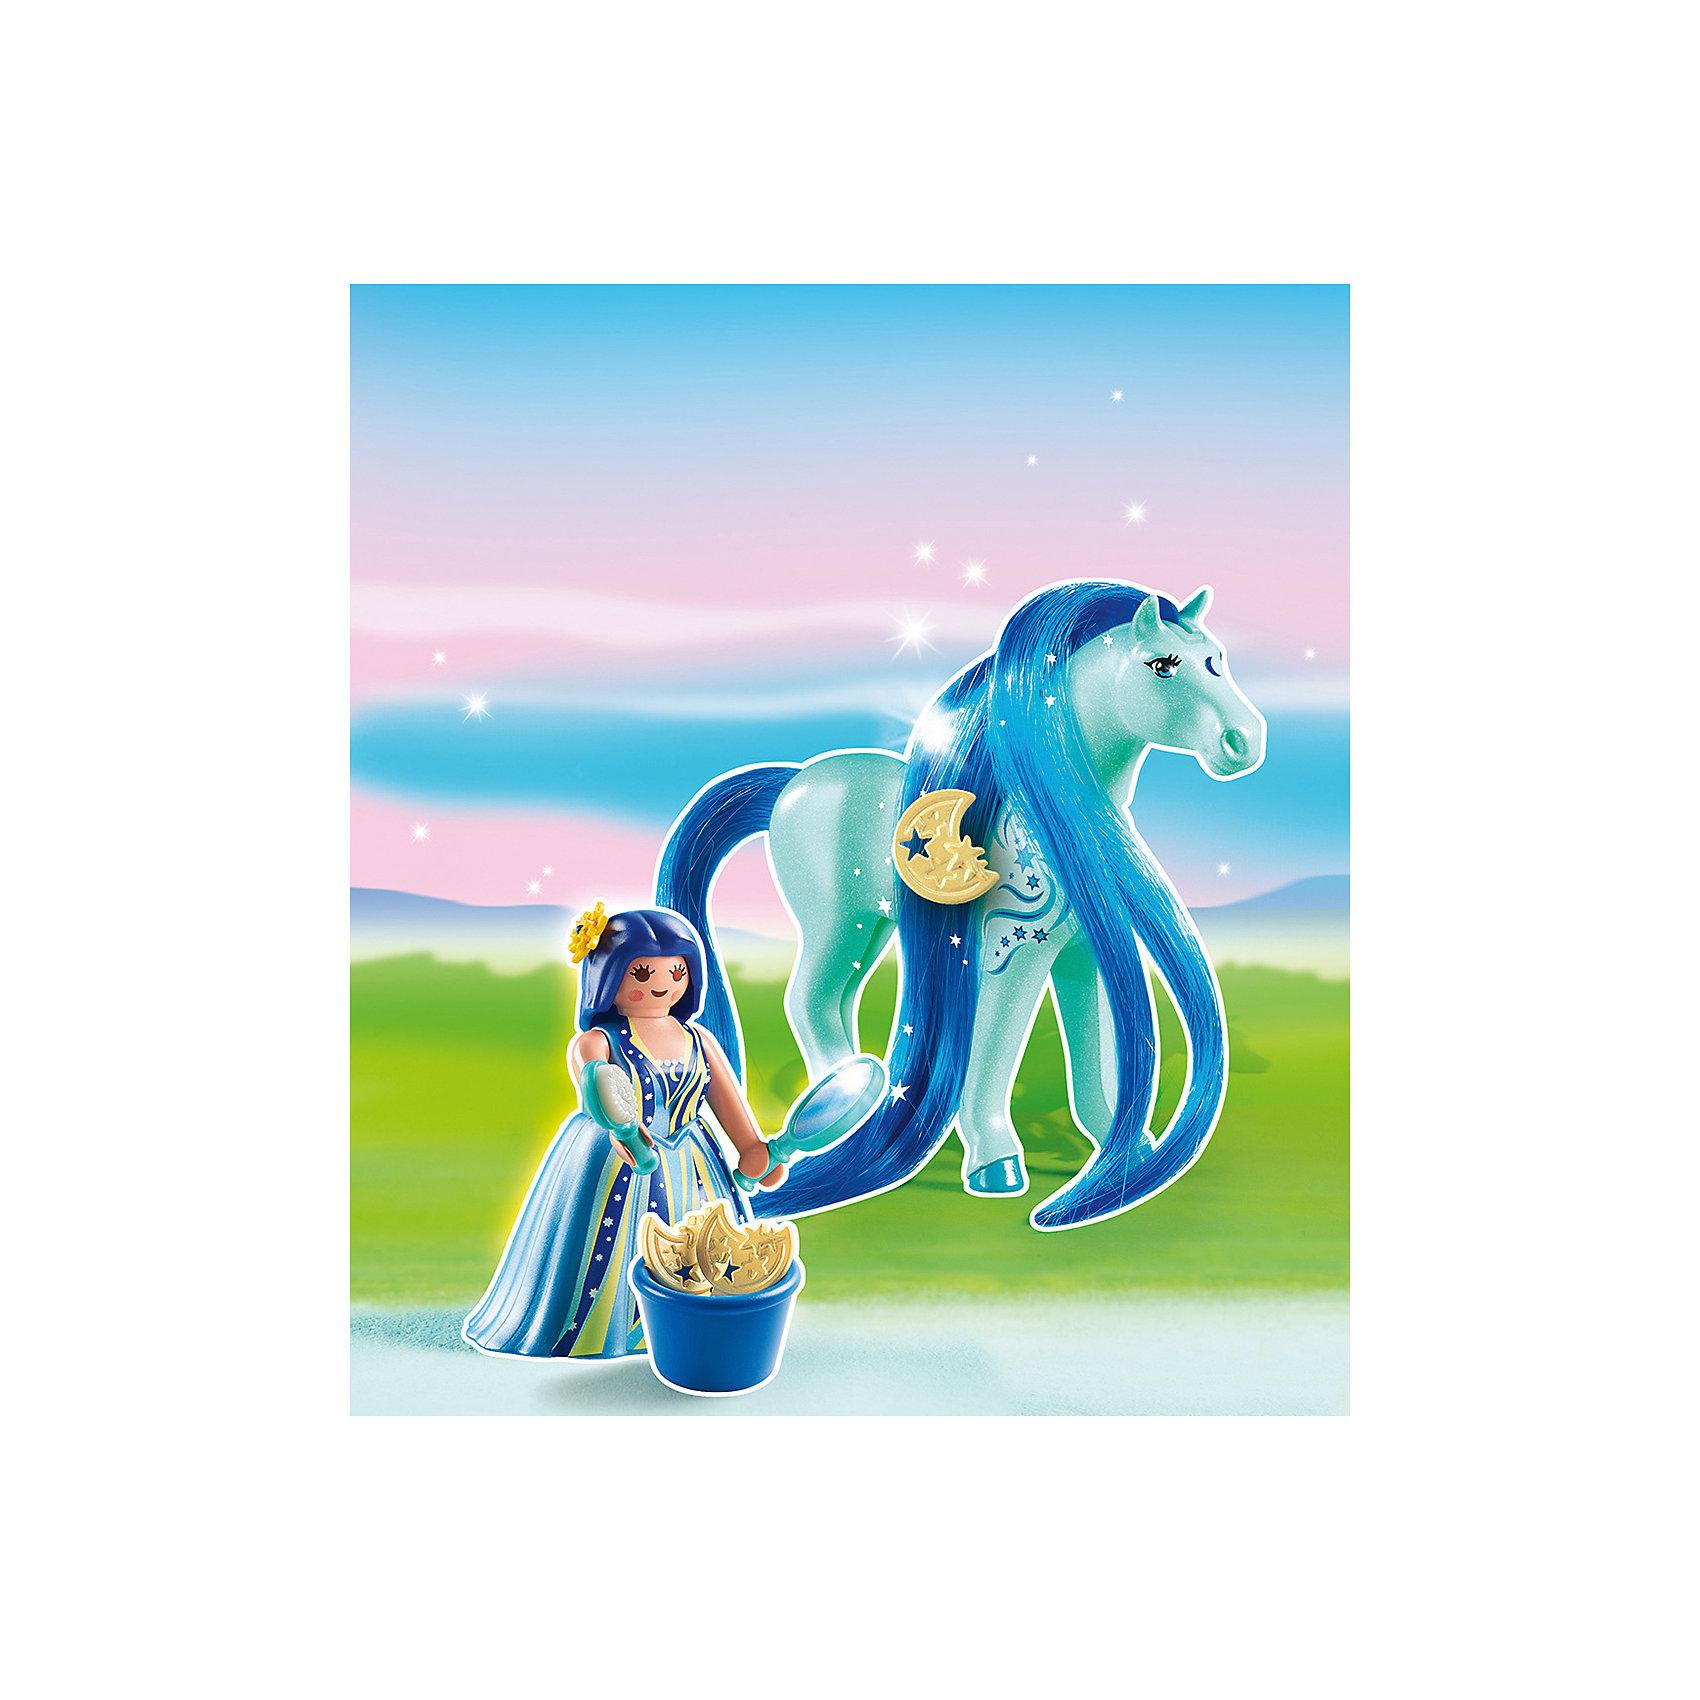 Принцессы: Принцесса Луна с Лошадкой, PLAYMOBILПластмассовые конструкторы<br>Принцессы: Принцесса Луна с Лошадкой, PLAYMOBIL (Плэймобил)<br><br>Характеристики:<br><br>• можно расчесать лошадку и сделать ей прическу<br>• голова лошади подвижна<br>• материал: пластик<br>• в комплекте: лошадка, девочка, расческа, зеркало, заколка, корзинка<br>• размер упаковки: 16,9х24,6х8 см<br>• вес: 110 грамм<br><br>С помощью набора от Плэймобил ребенок сможет помочь девочки расчесать роскошную гриву лошадки и даже украсить ее заколкой. В комплекте вы найдете всё необходимое для этого. Аксессуары хорошо помещаются в руки девочки, что значительно облегчает процесс игры. Пышное платье принцессы можно снять, чтобы она смогла оседлать лошадку. Детали изготовлены из прочного высококачественного пластика. Этот набор непременно понравится вашему ребенку!<br><br>Принцессы: Принцесса Луна с Лошадкой, PLAYMOBIL (Плэймобил) вы можете купить в нашем интернет-магазине.<br><br>Ширина мм: 240<br>Глубина мм: 165<br>Высота мм: 53<br>Вес г: 104<br>Возраст от месяцев: 60<br>Возраст до месяцев: 120<br>Пол: Женский<br>Возраст: Детский<br>SKU: 3786433